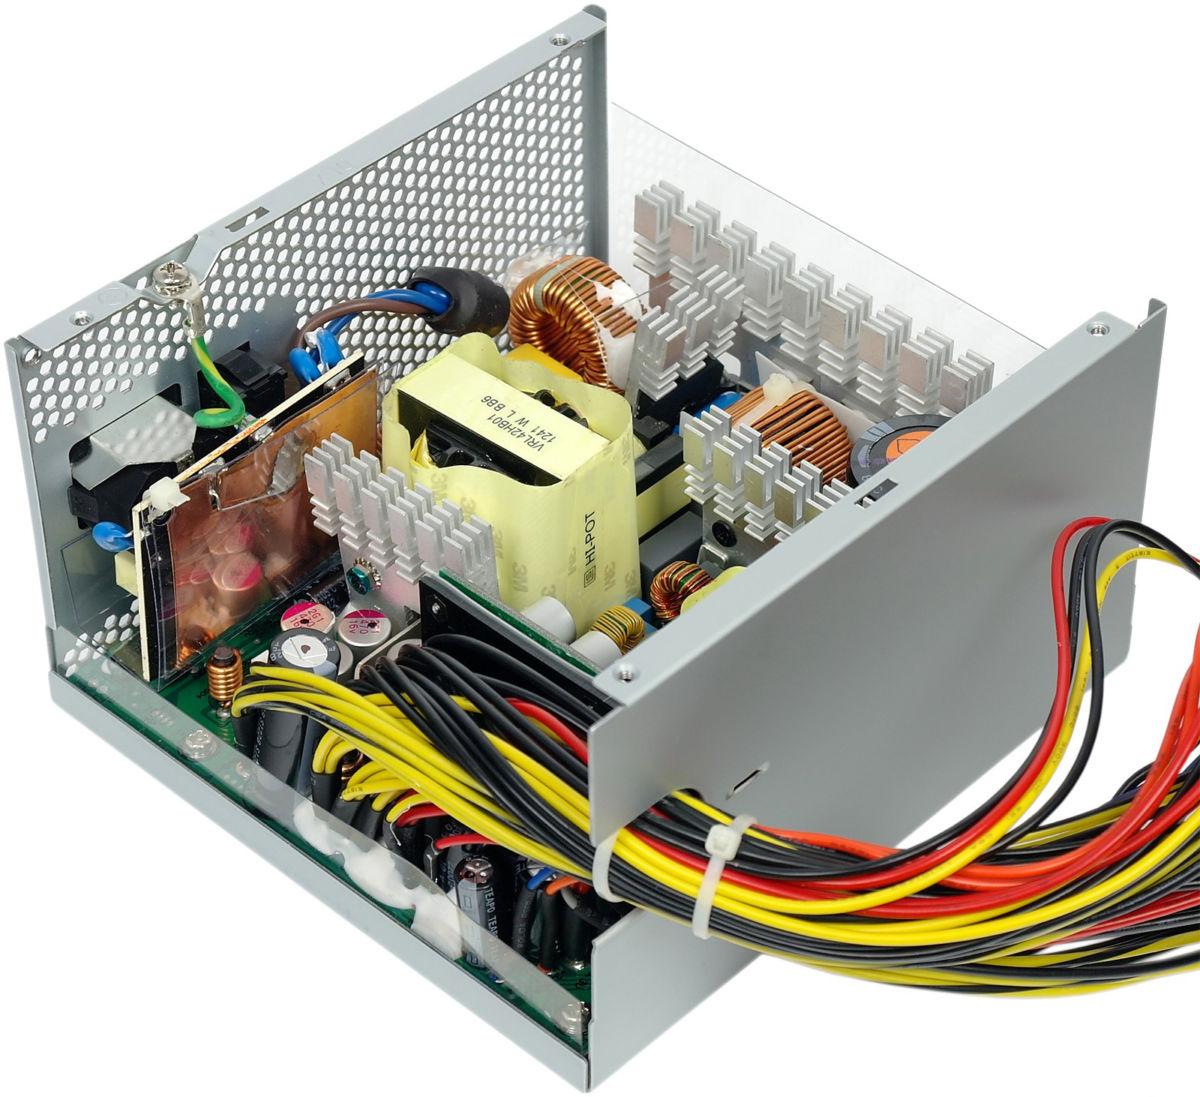 Как проверить блок питания компьютера на работоспособность?